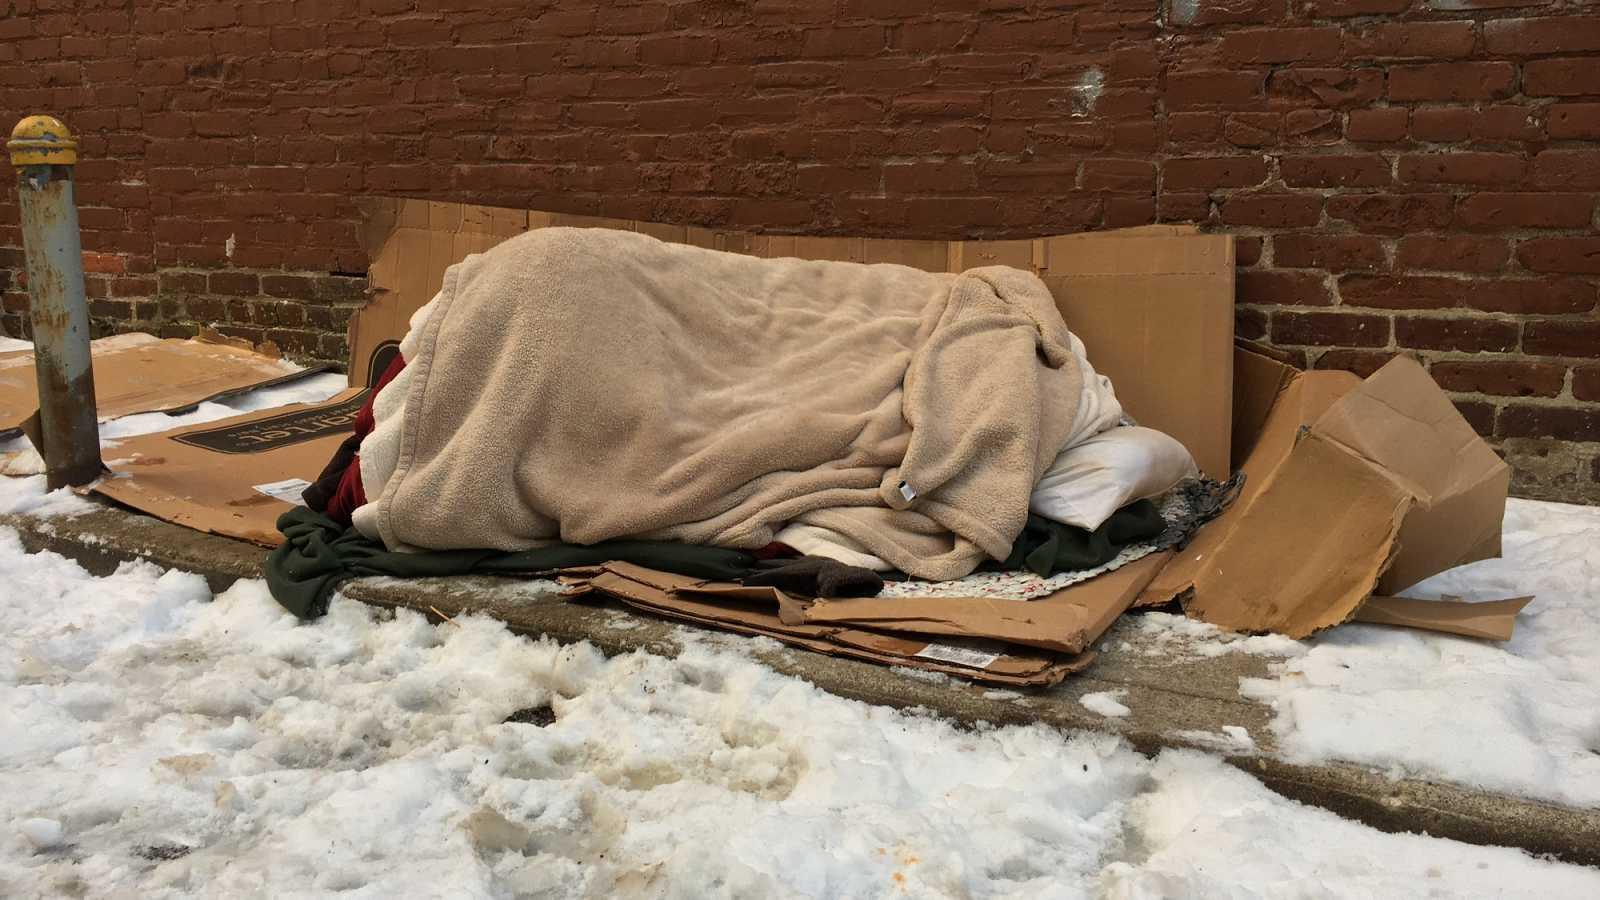 Una persona sin hogar durmiendo en la calle rodeada de nieve.